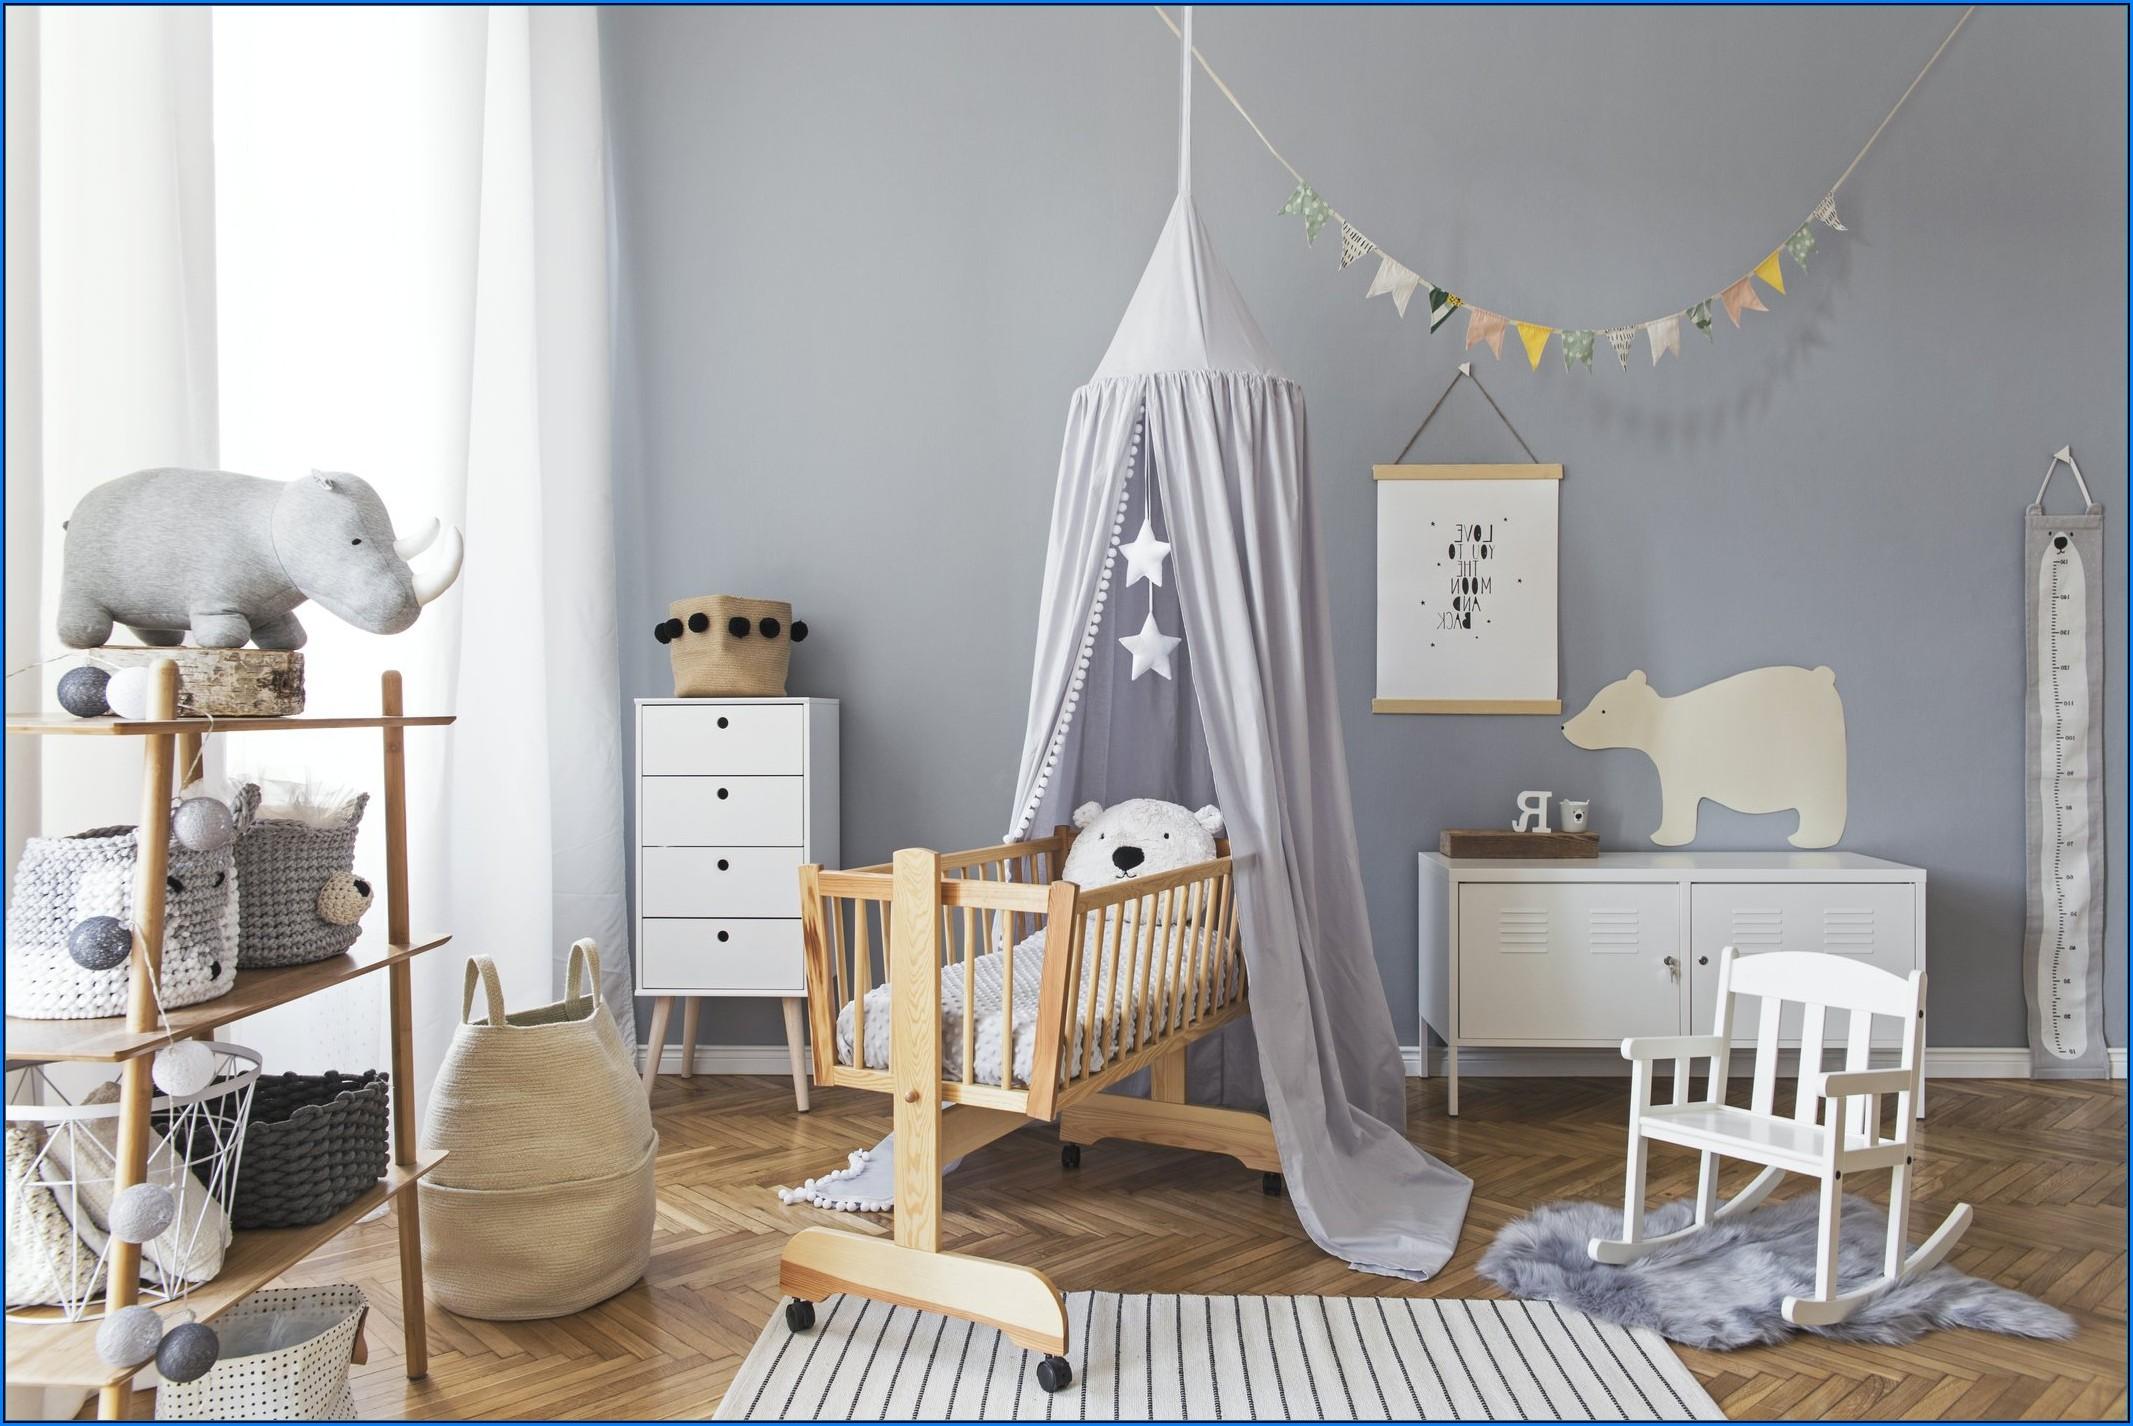 Ab Wann Kann Man Das Babyzimmer Einrichten